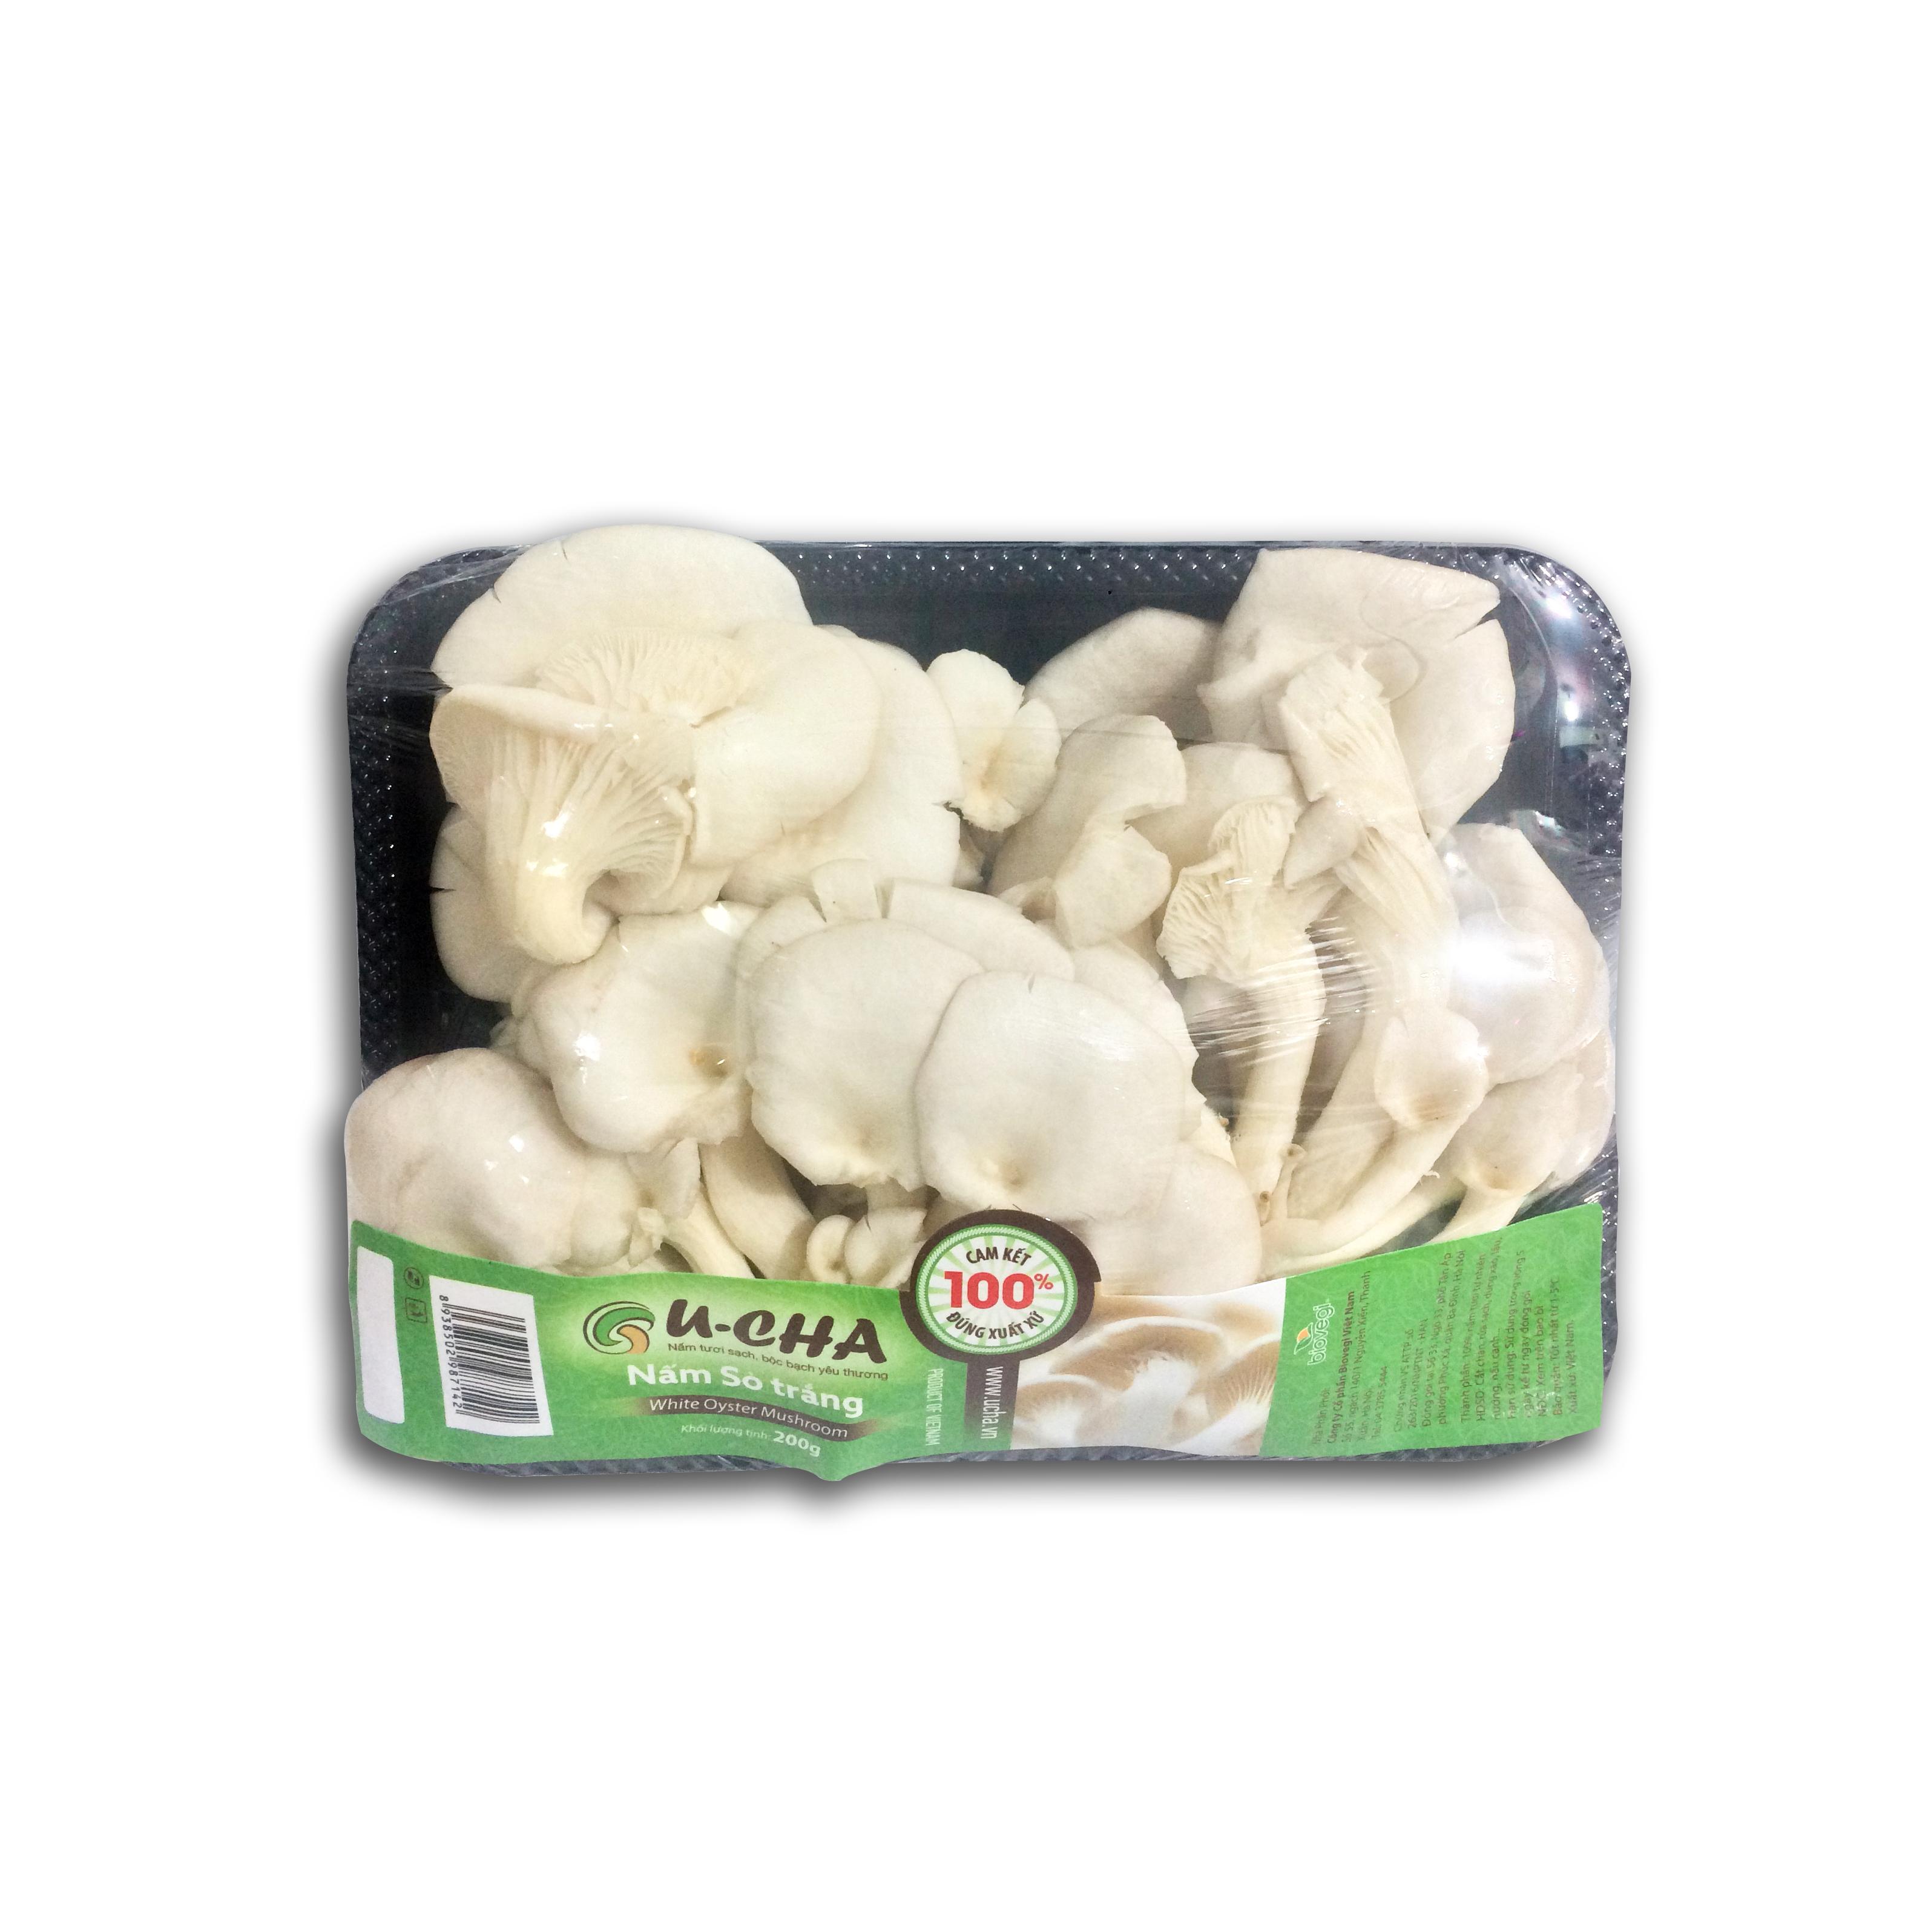 Vietnamese Oyster mushroom